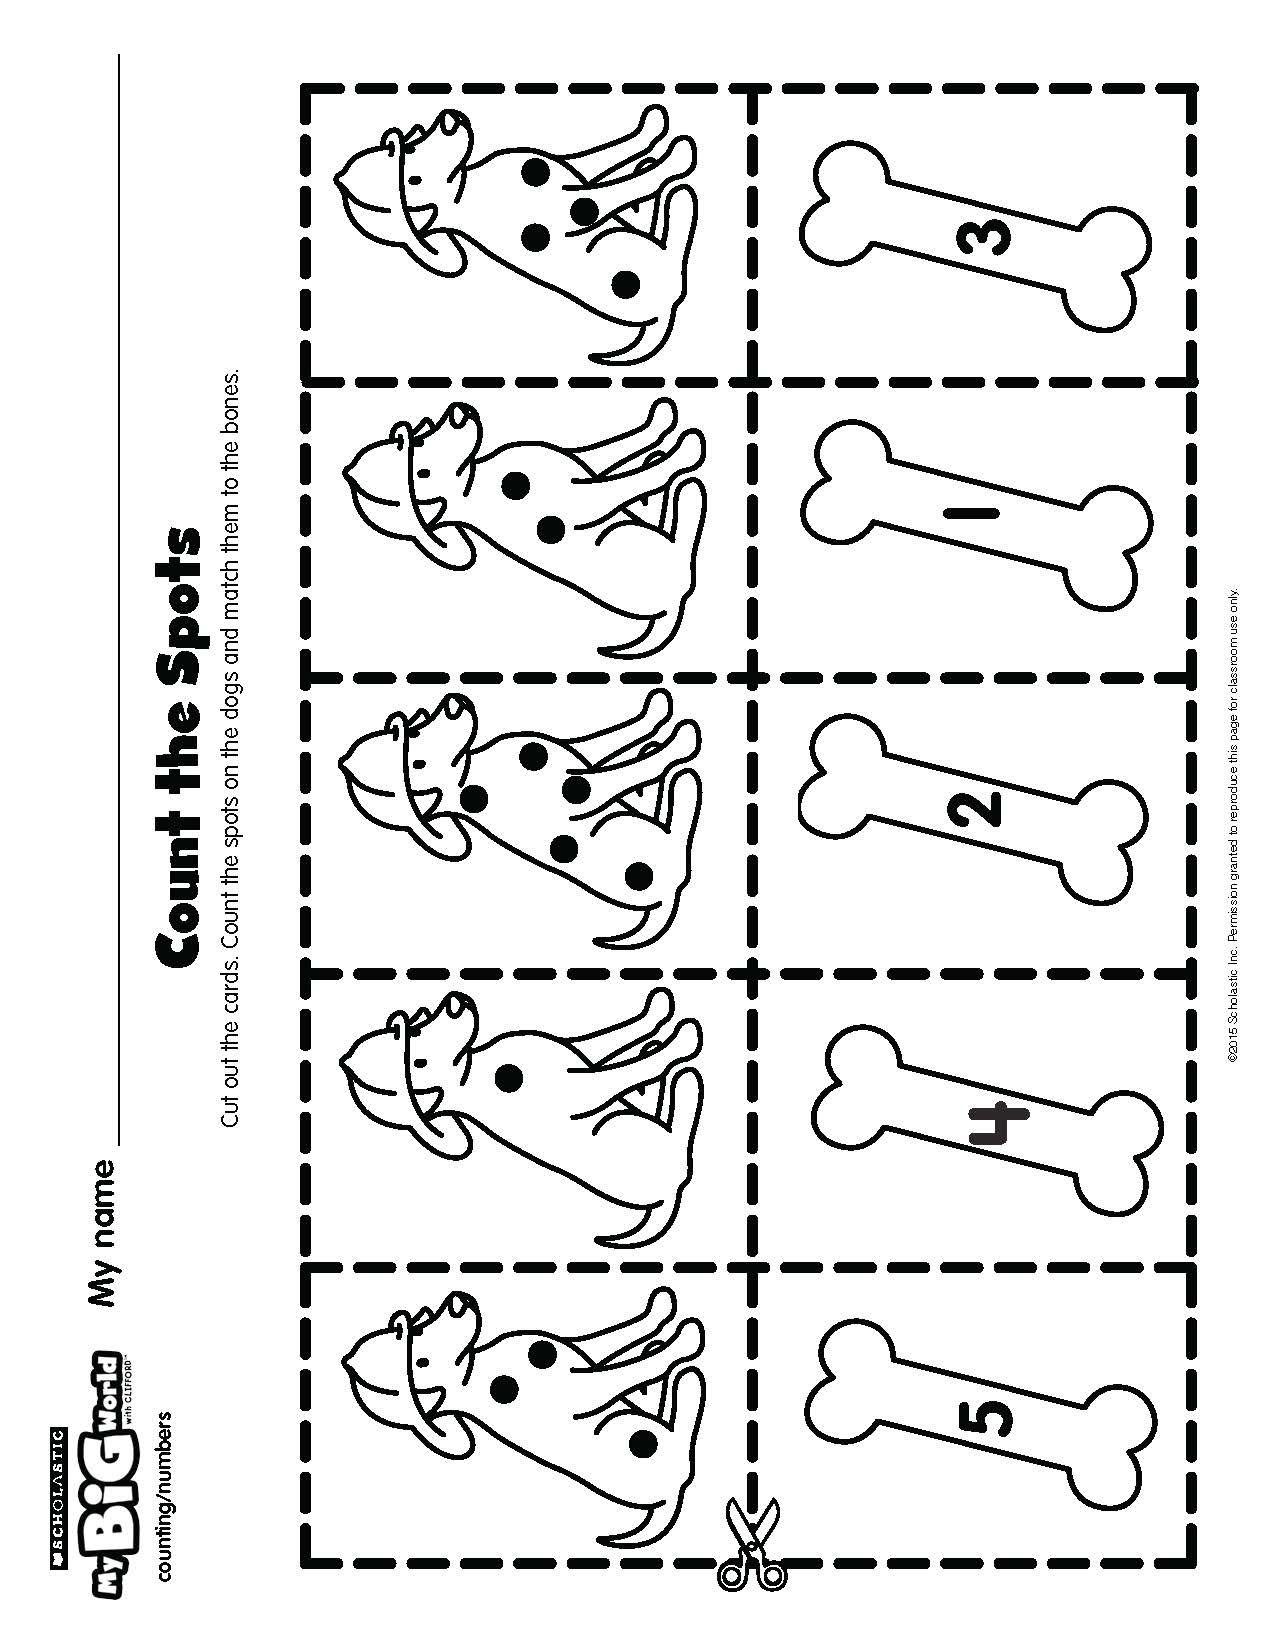 Fire Dogs Make Counting Fun Prek Printable Mybigworld Fire Prevention Preschool Fire Prevention Week Preschool Fire Safety Math Activities [ 1650 x 1284 Pixel ]